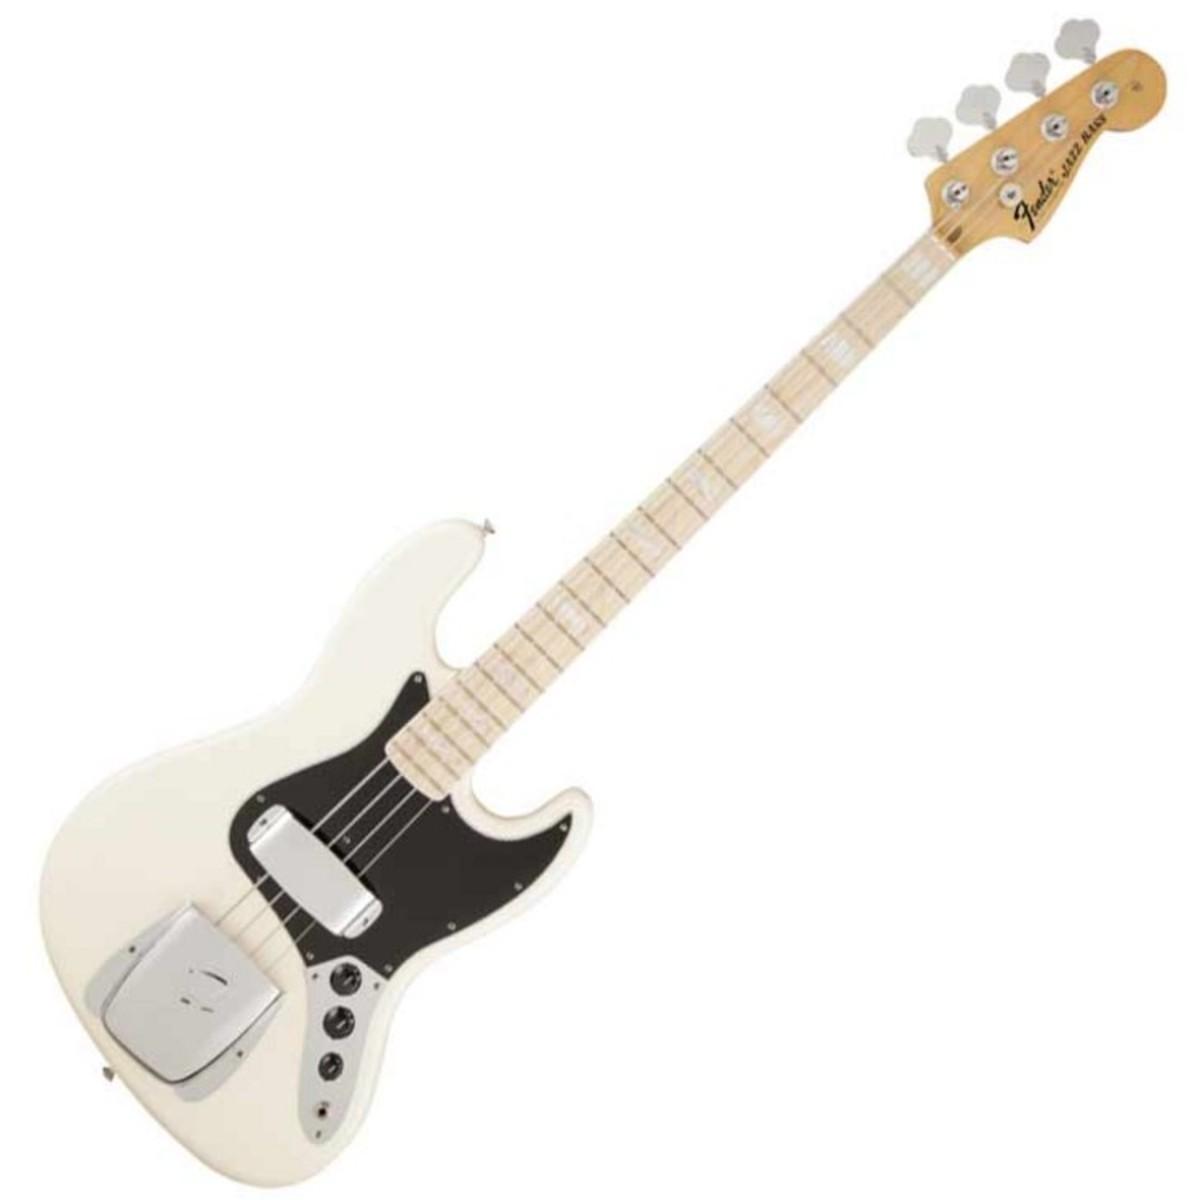 vuodelta 70-luvun Stratocaster